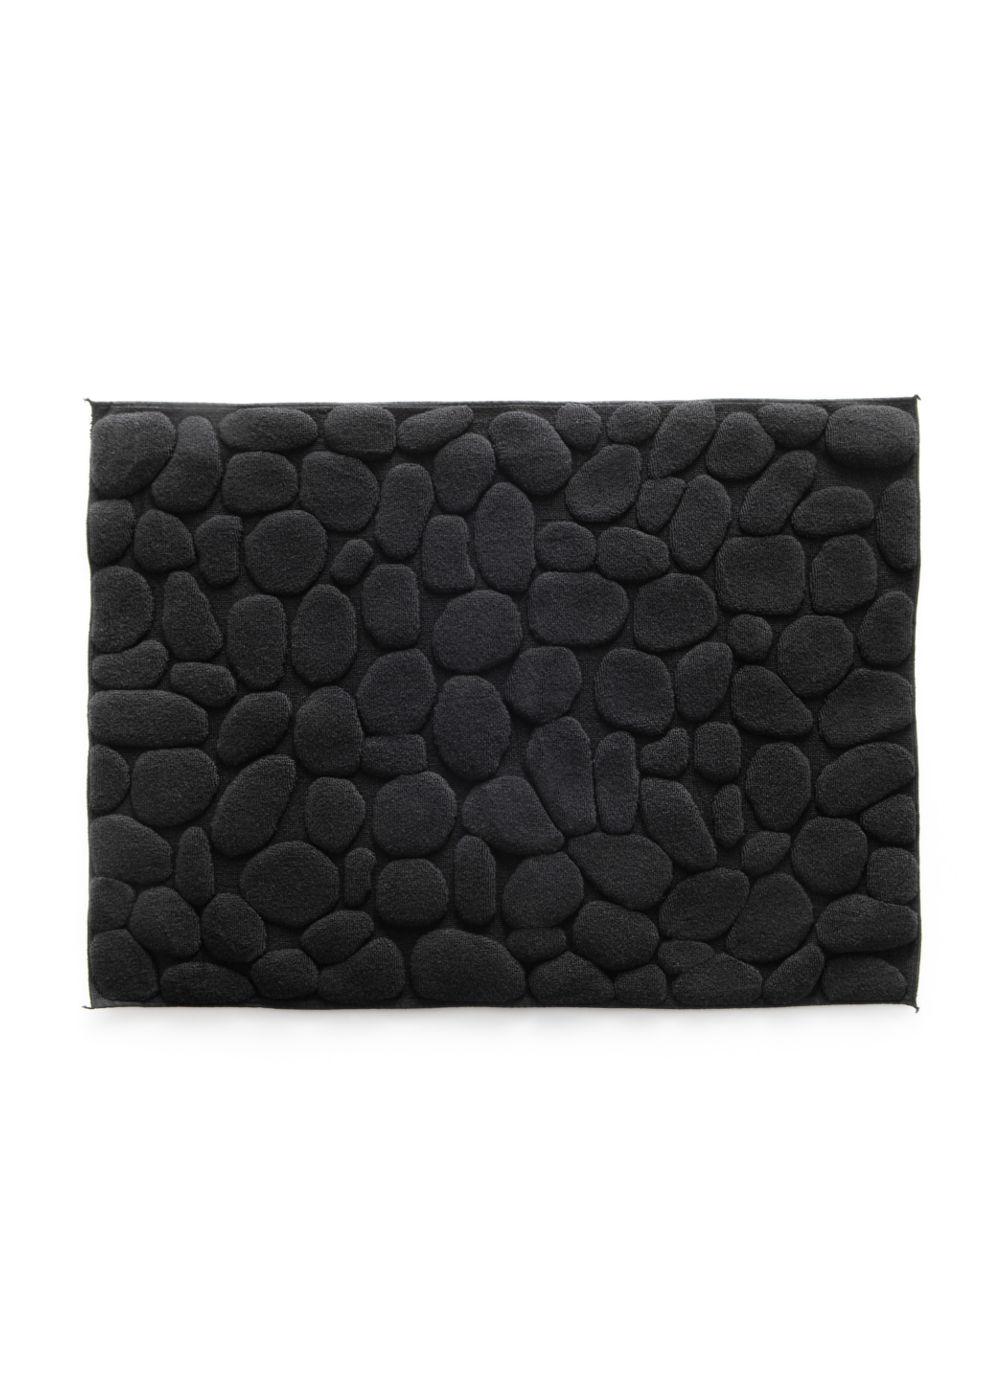 Ottaipnu-IshikoroBathMat-Black